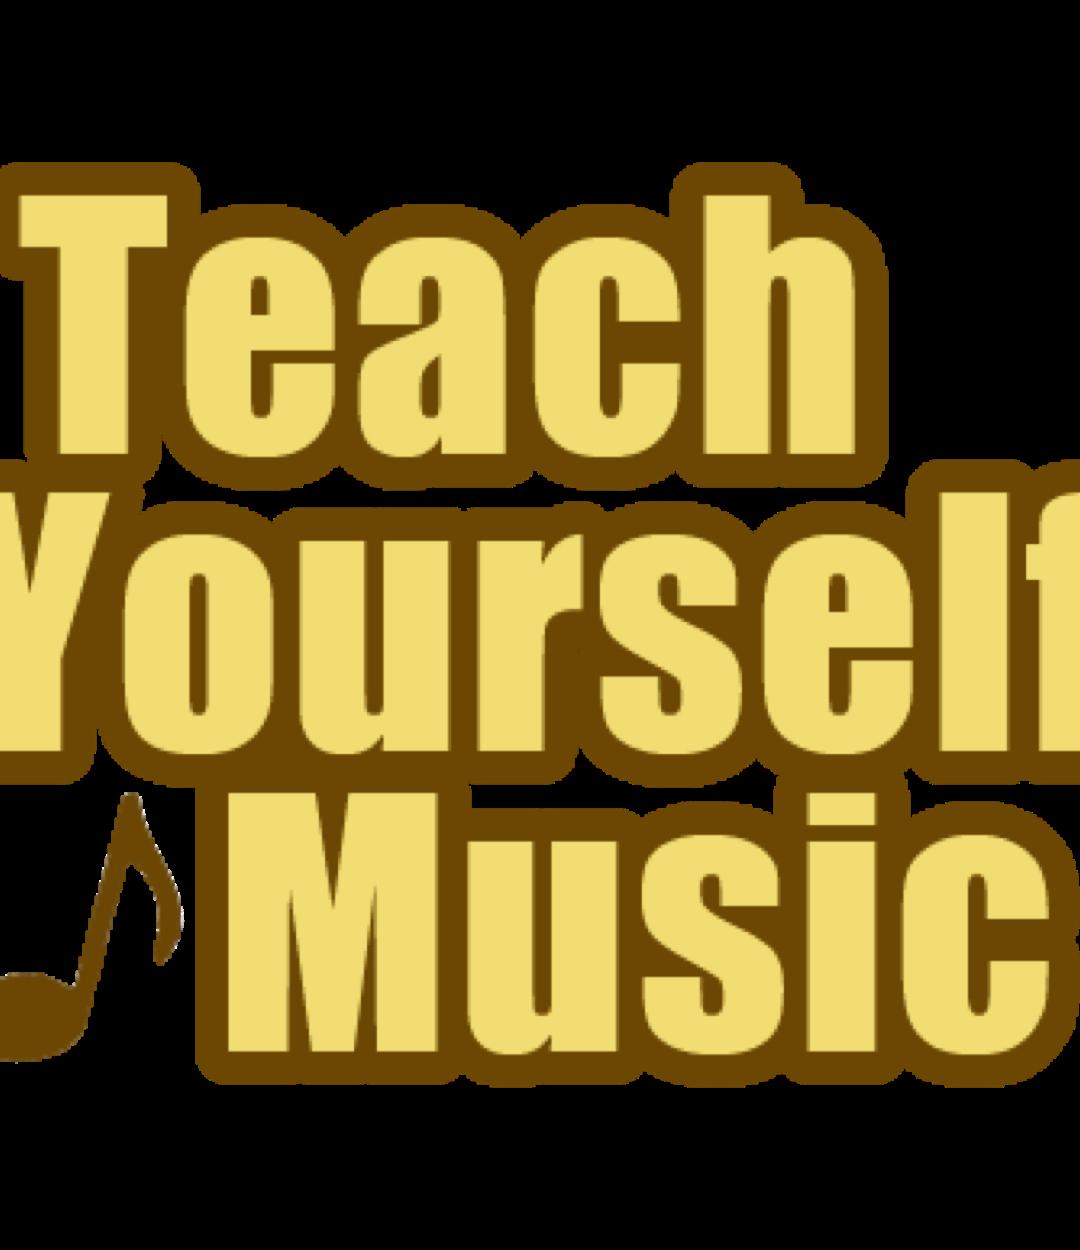 Teach Yourself Music